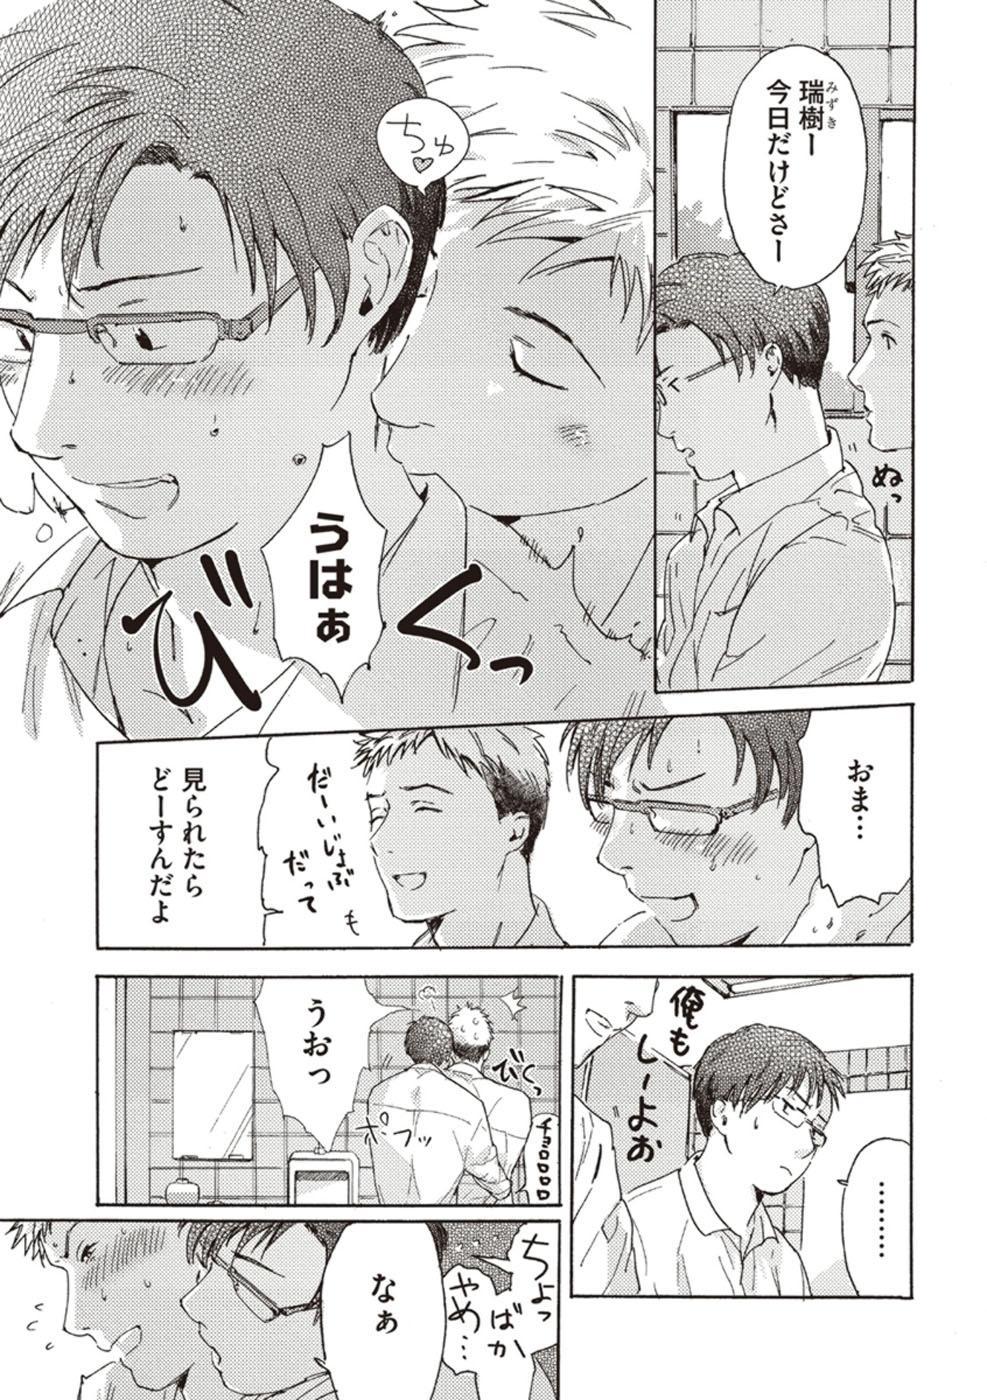 Shitagari Na Oretachi No Kinou Kyou Ashita 6